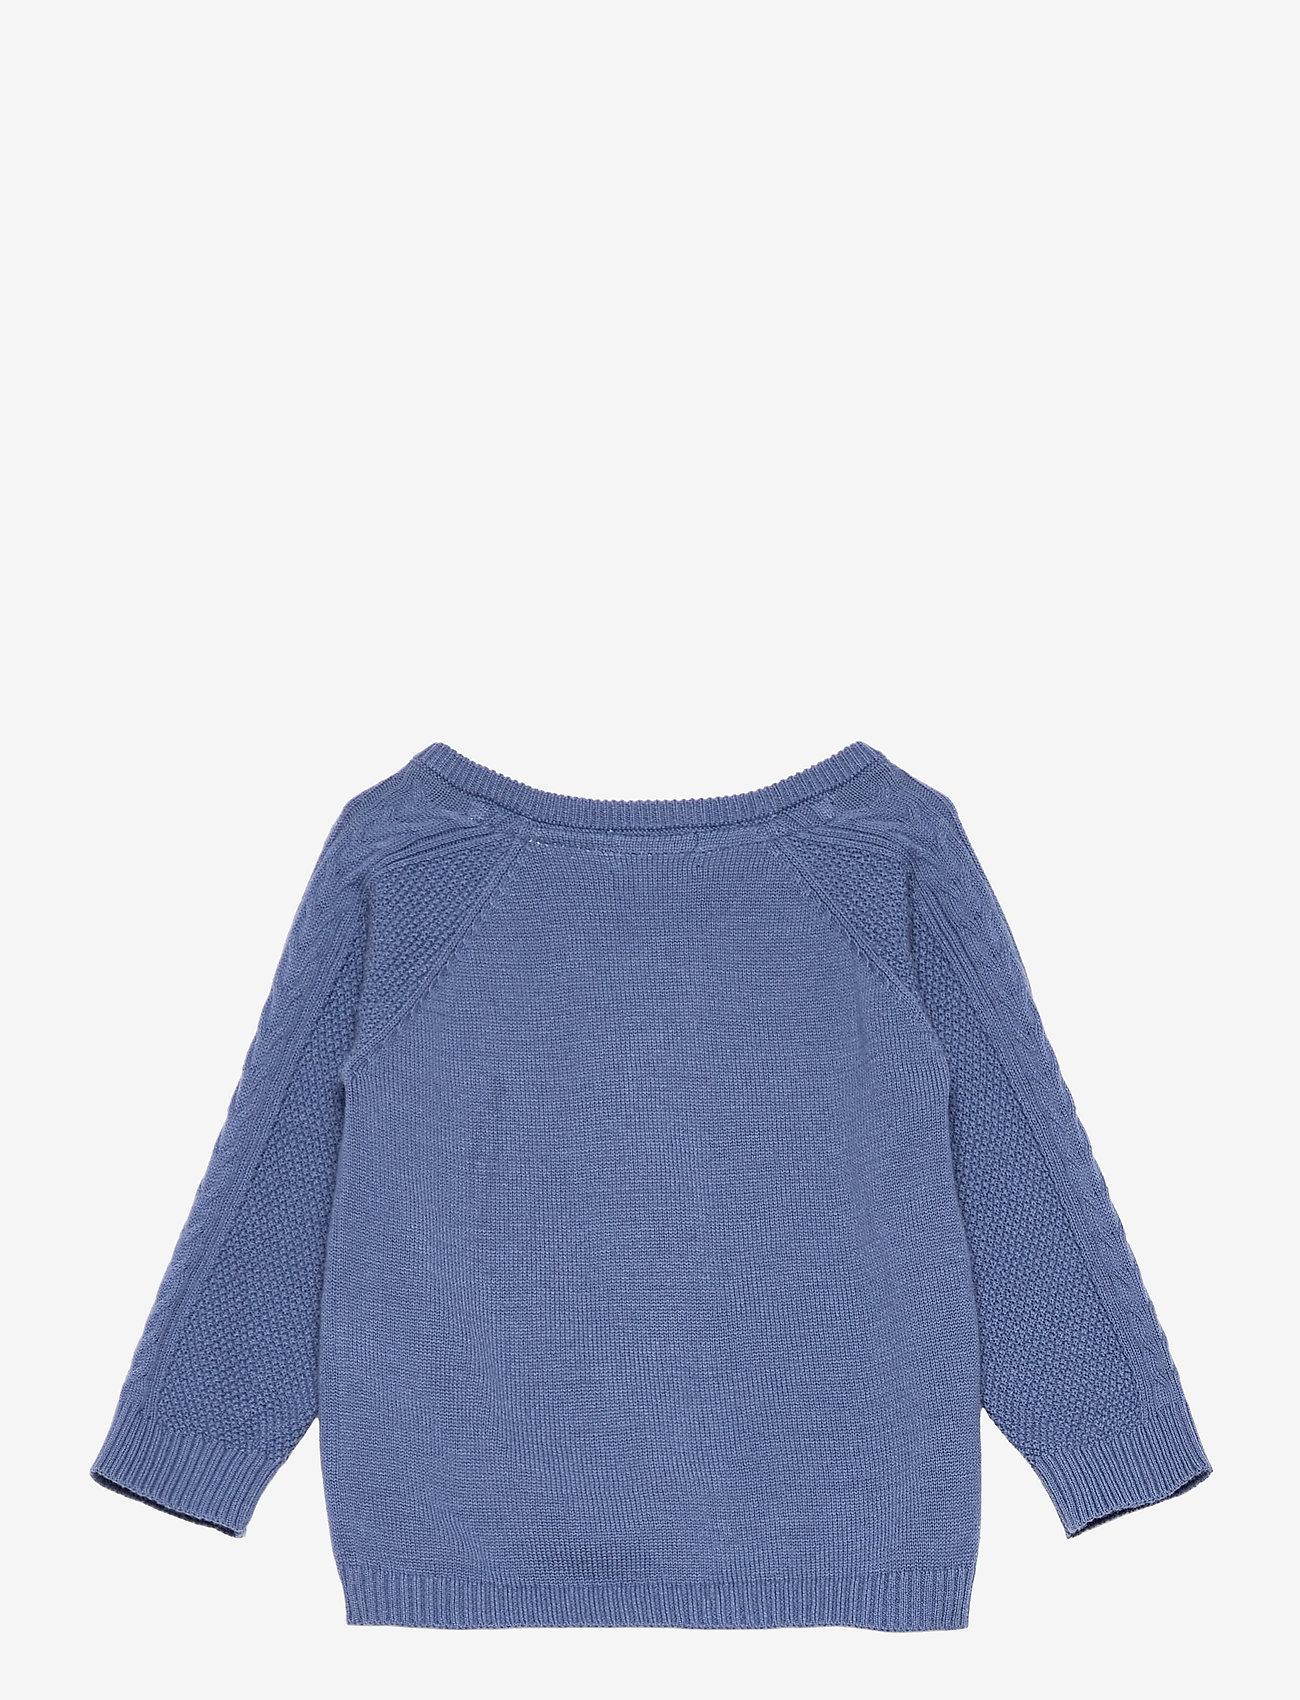 Noa Noa Miniature - Cardigan - gilets - bijou blue - 1